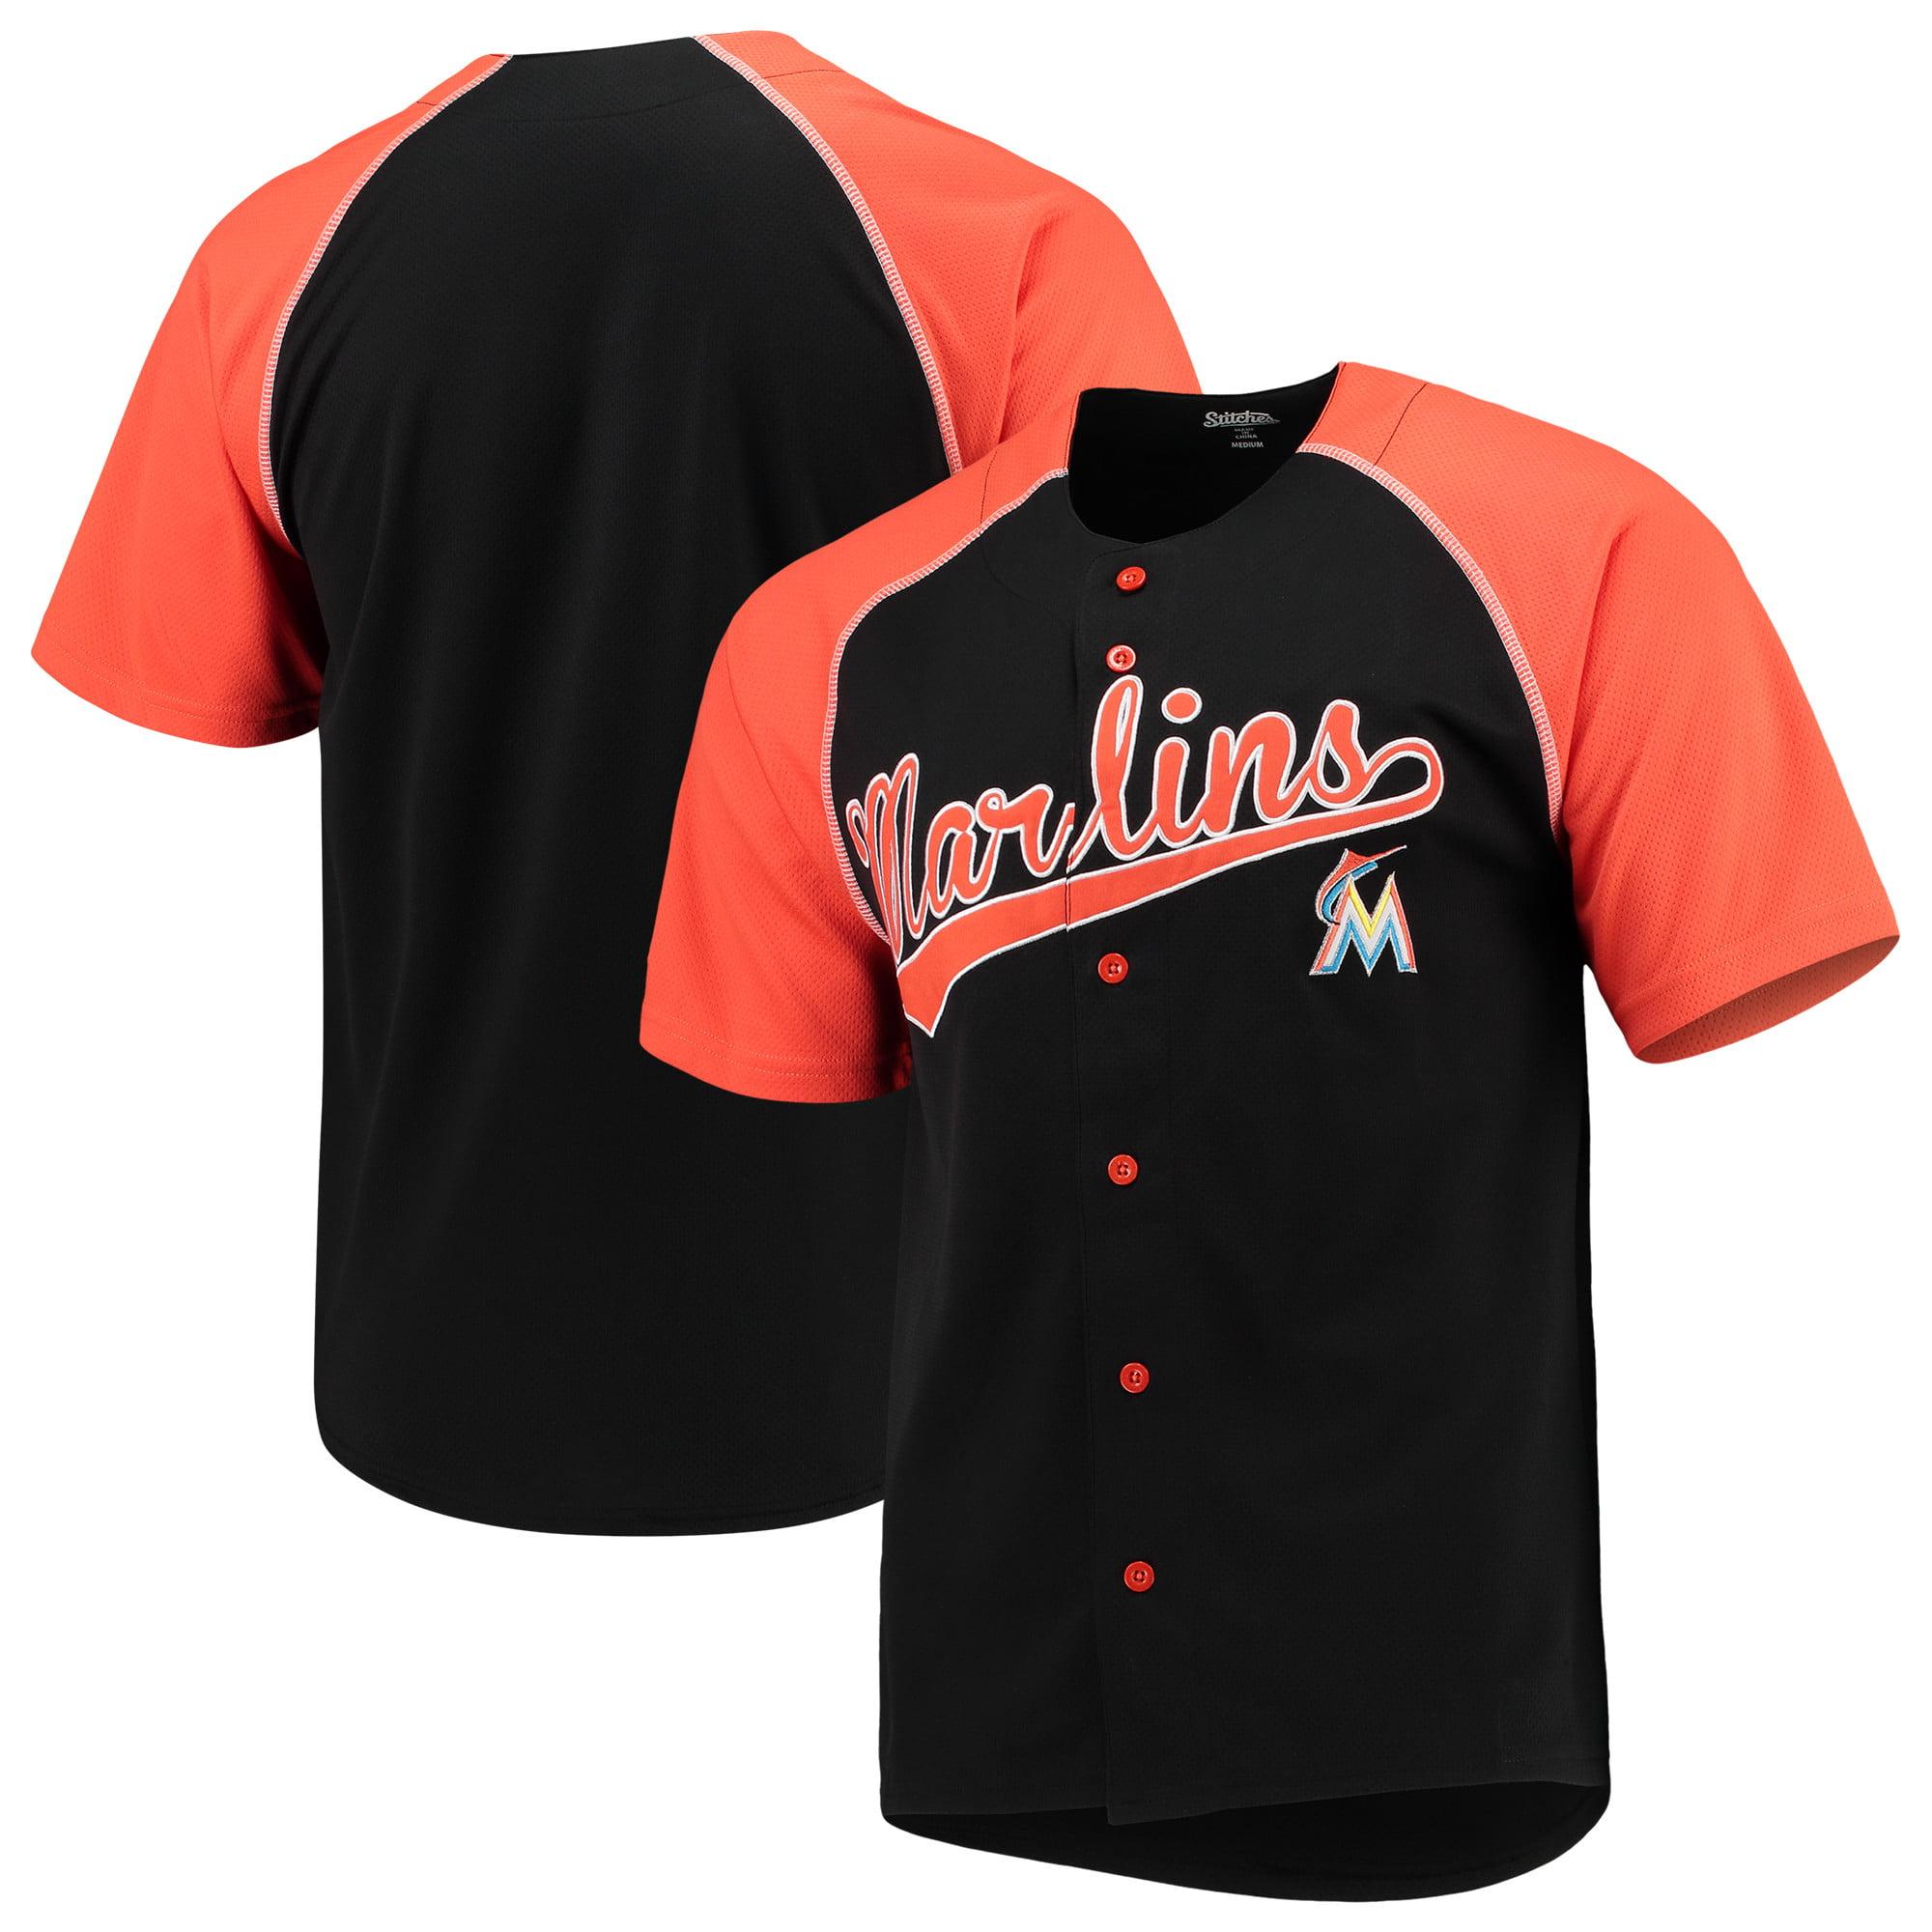 Miami Marlins Stitches Team Jersey - Black/Orange